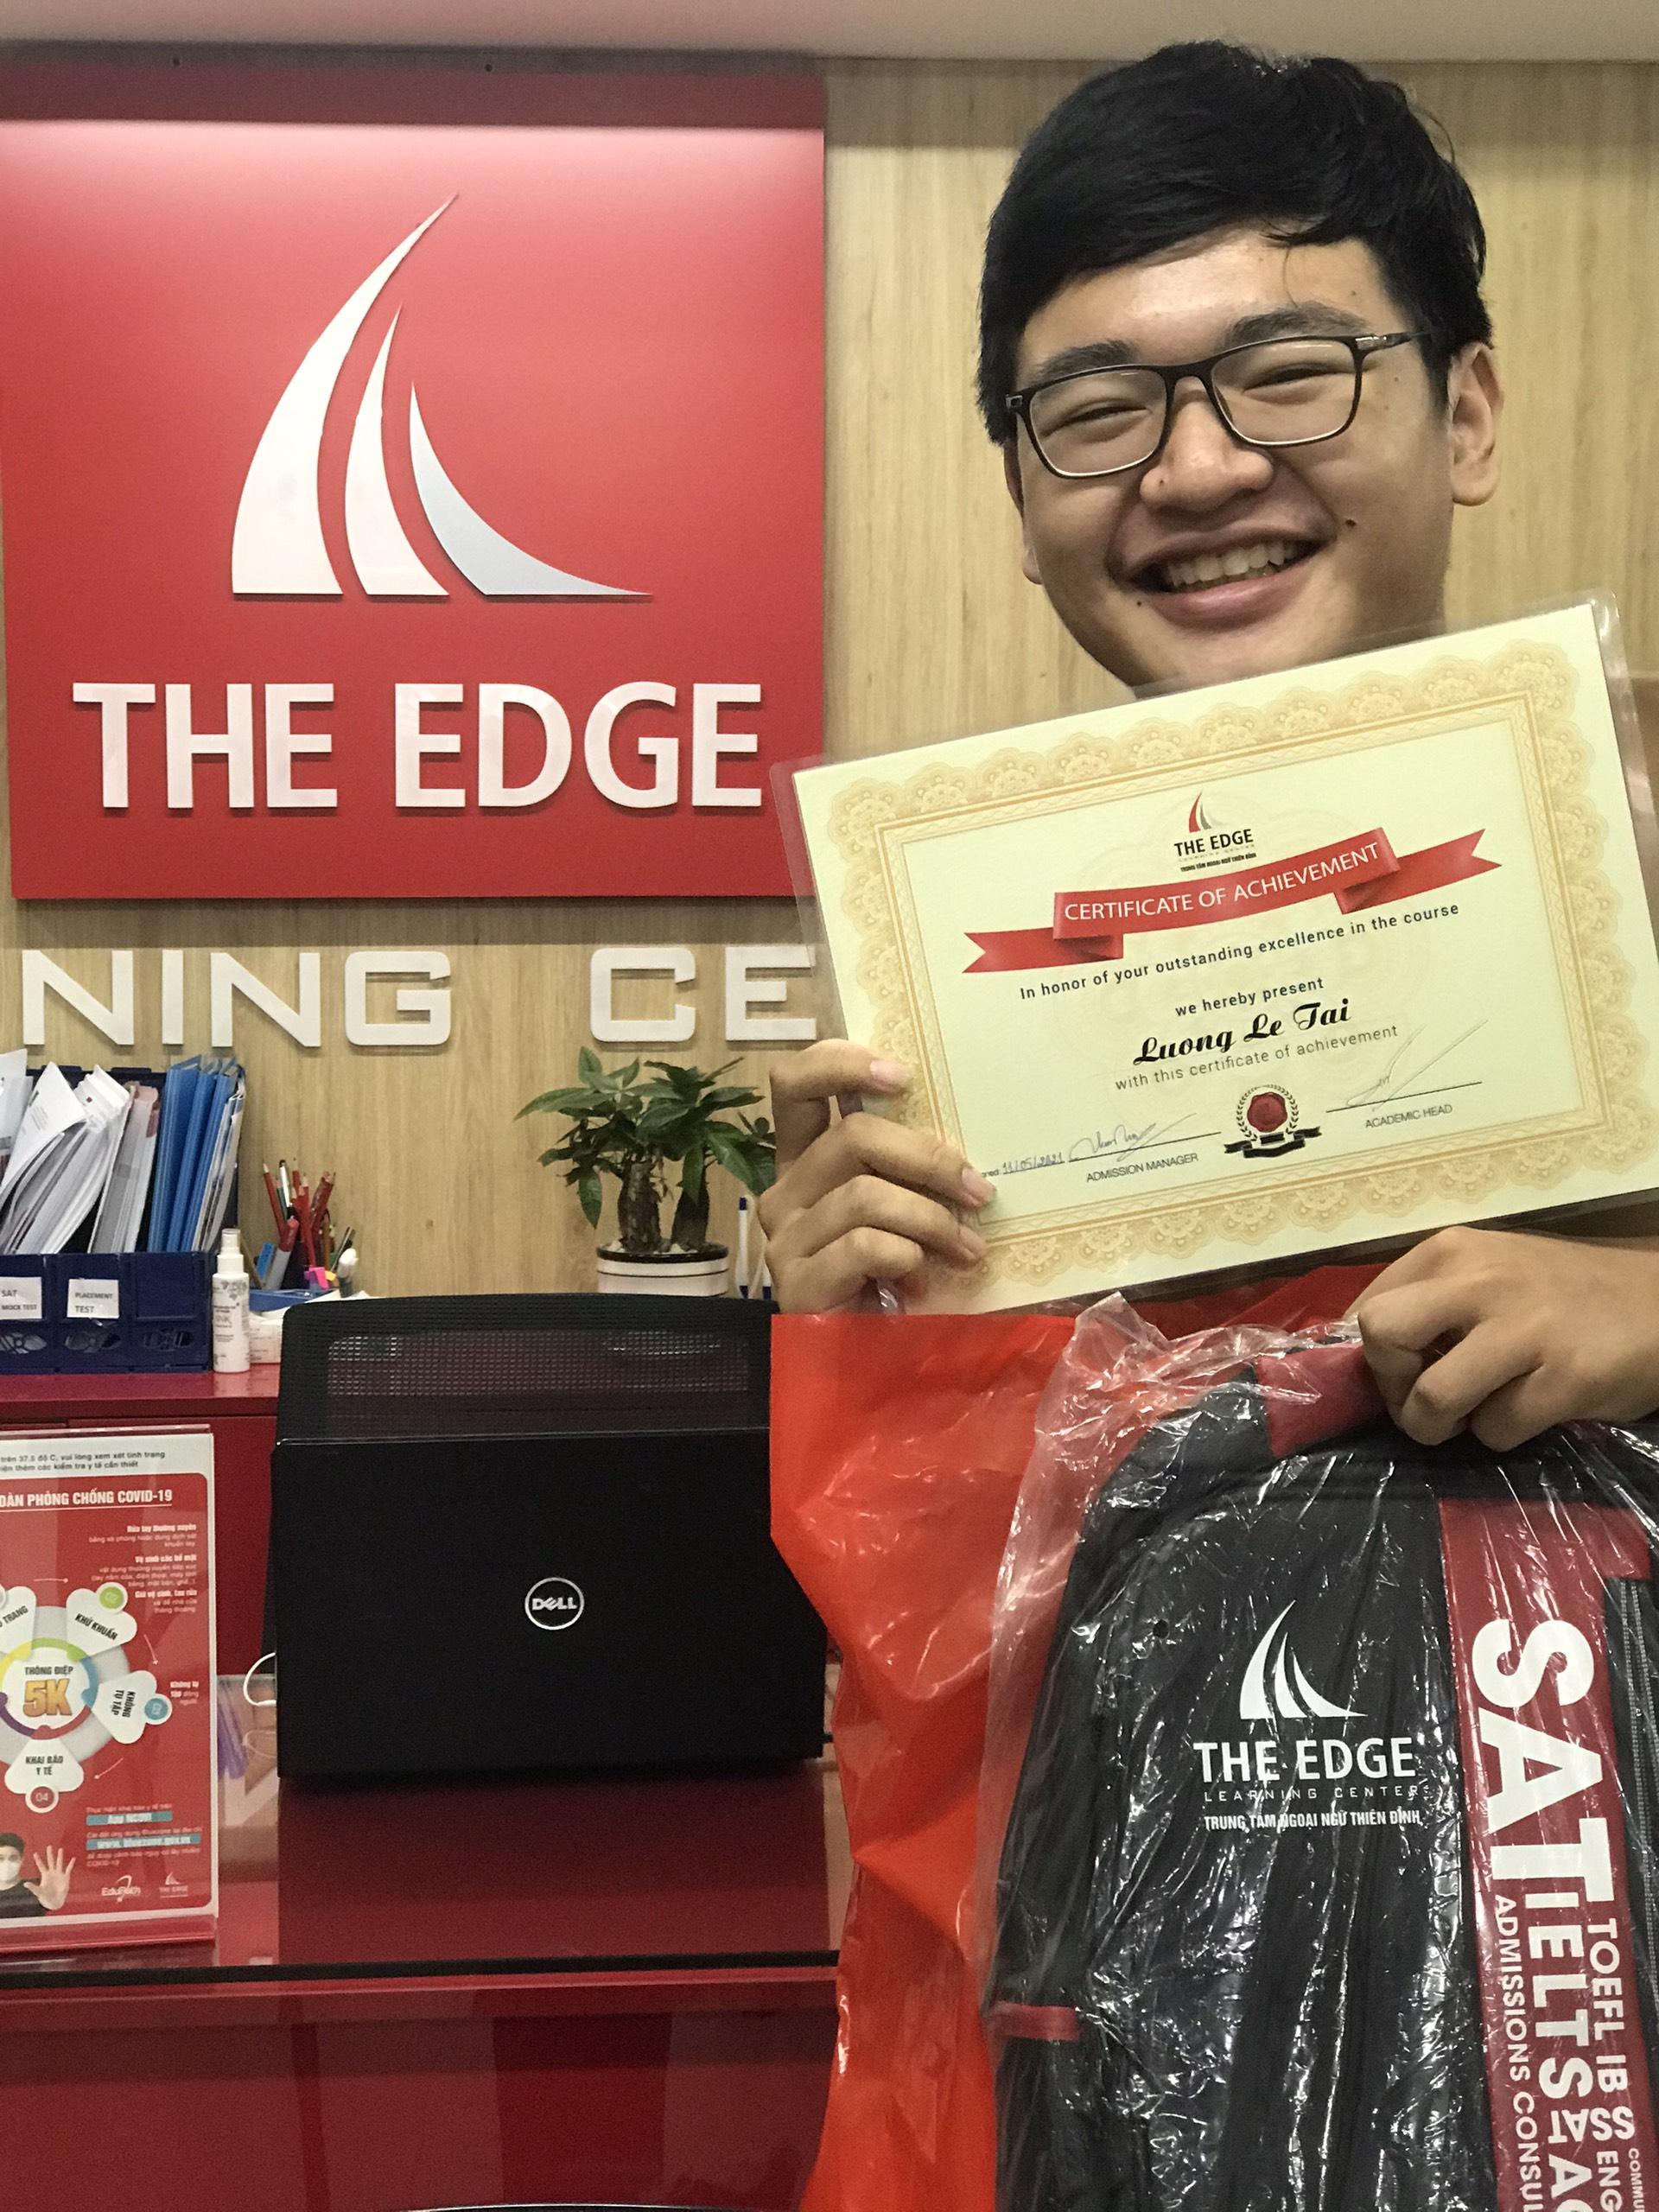 Lương Lê Tài - học viên The Edge khoá IELTS online đạt 8.0 IELTS kỳ thi vào tháng tháng 5/2021.